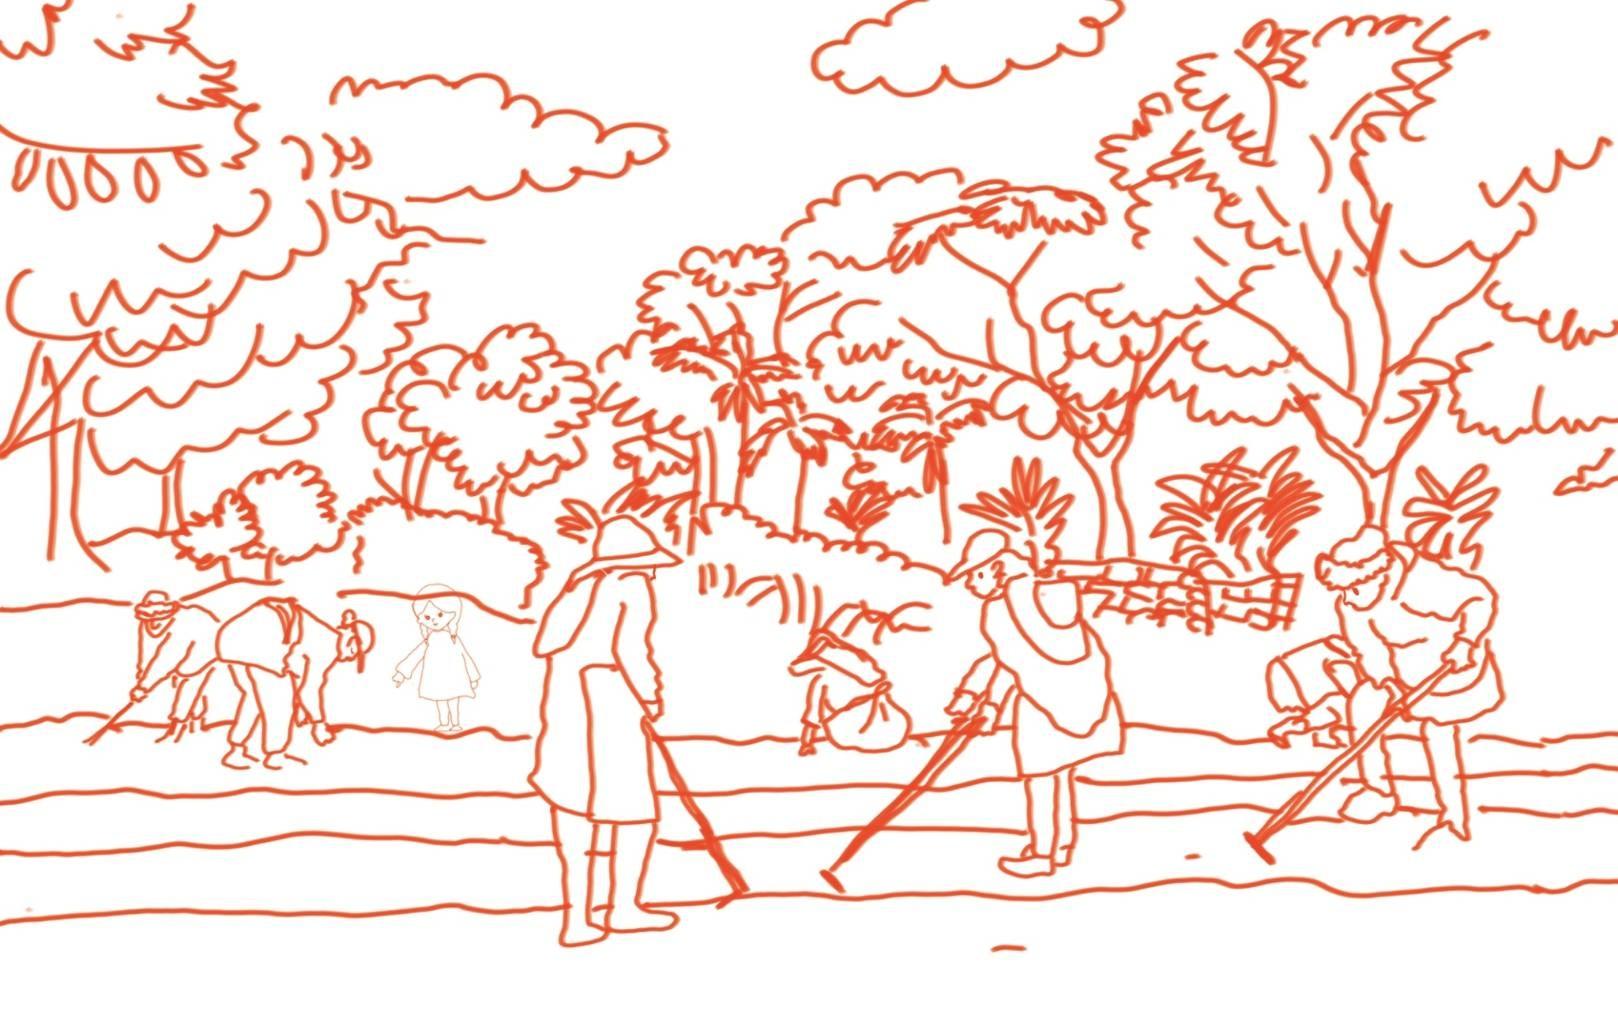 族跡工作室族語教學繪本草圖。照片提供/族跡工作室